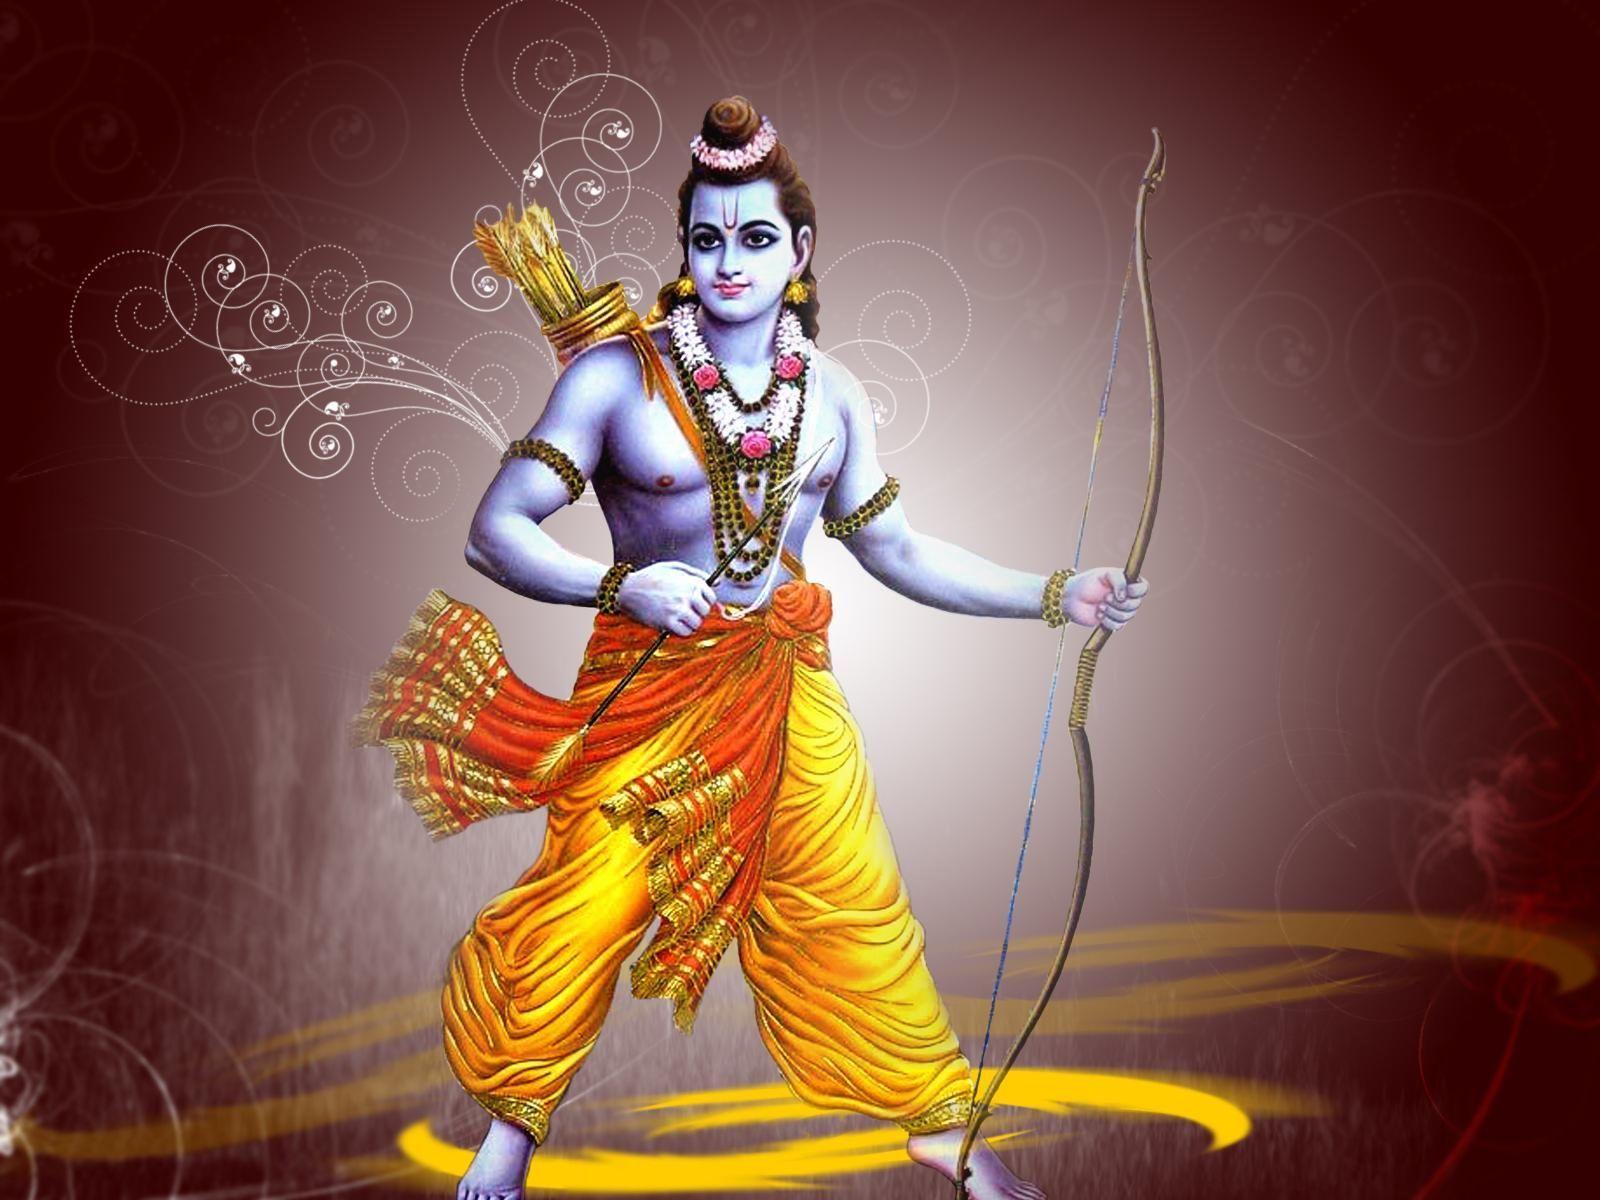 Hd wallpaper ram - Lord Rama Beautiful Hd Wallpaper 800 600 Ram Wallpapers 48 Wallpapers Adorable